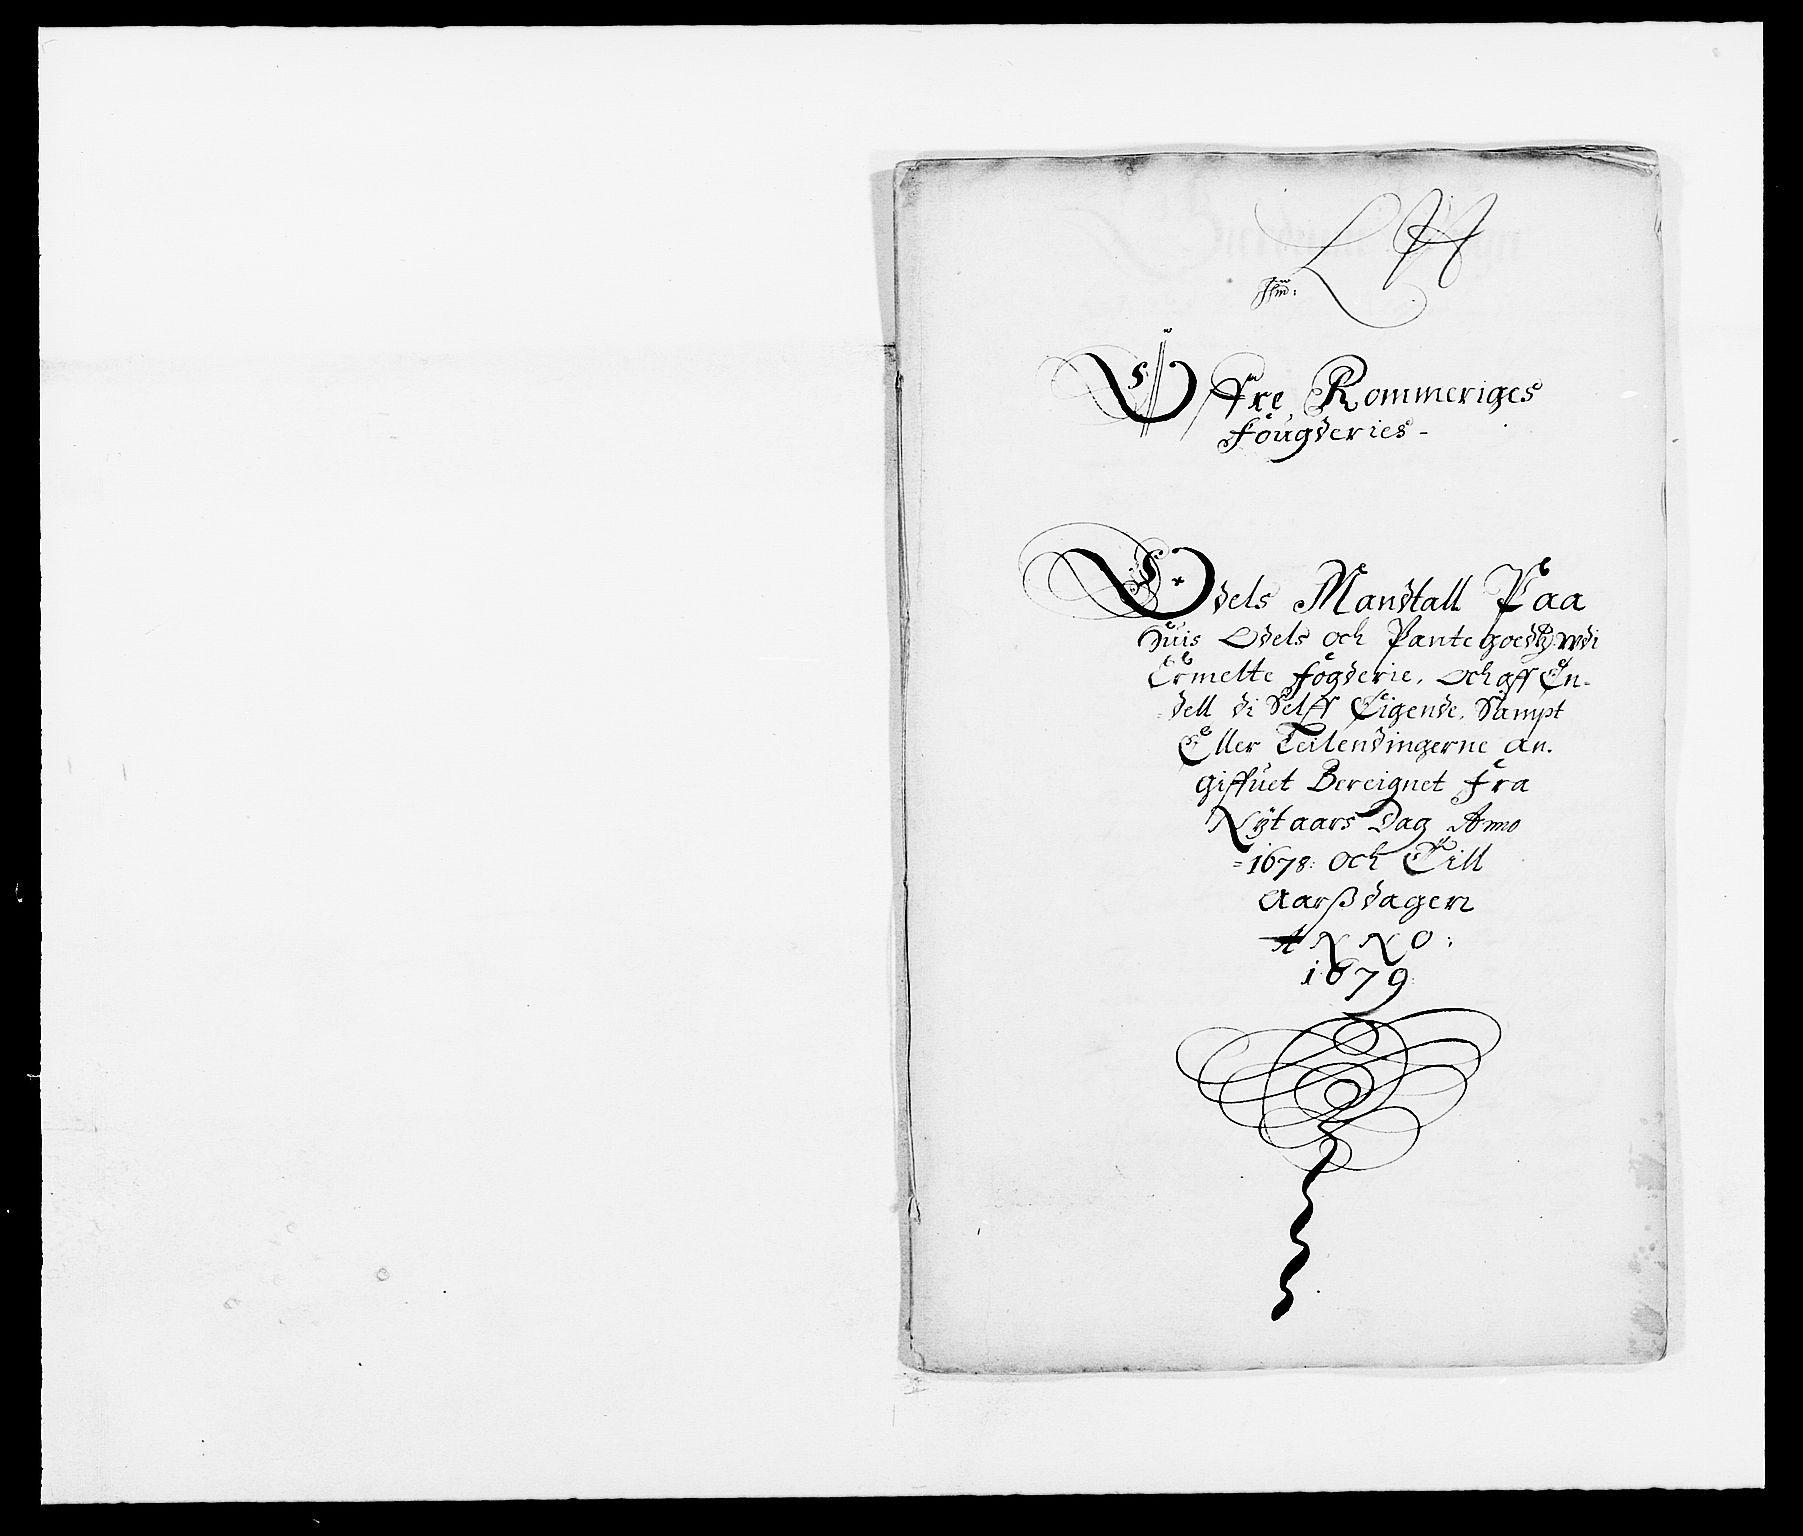 RA, Rentekammeret inntil 1814, Reviderte regnskaper, Fogderegnskap, R12/L0693: Fogderegnskap Øvre Romerike, 1678-1679, s. 243